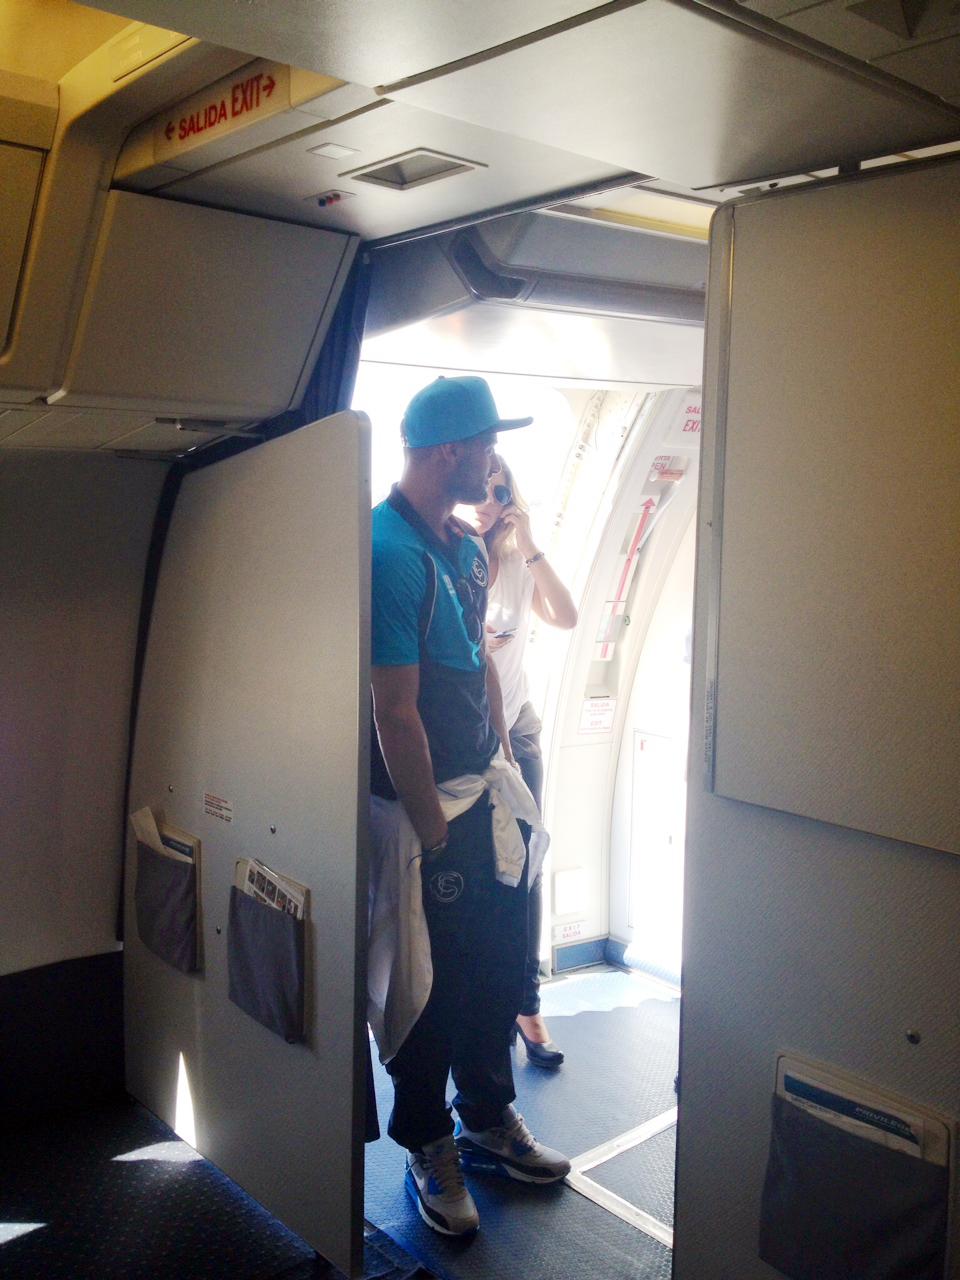 El jugador del Sevilla Beto en el avión. / Foto: Javi Pérez.